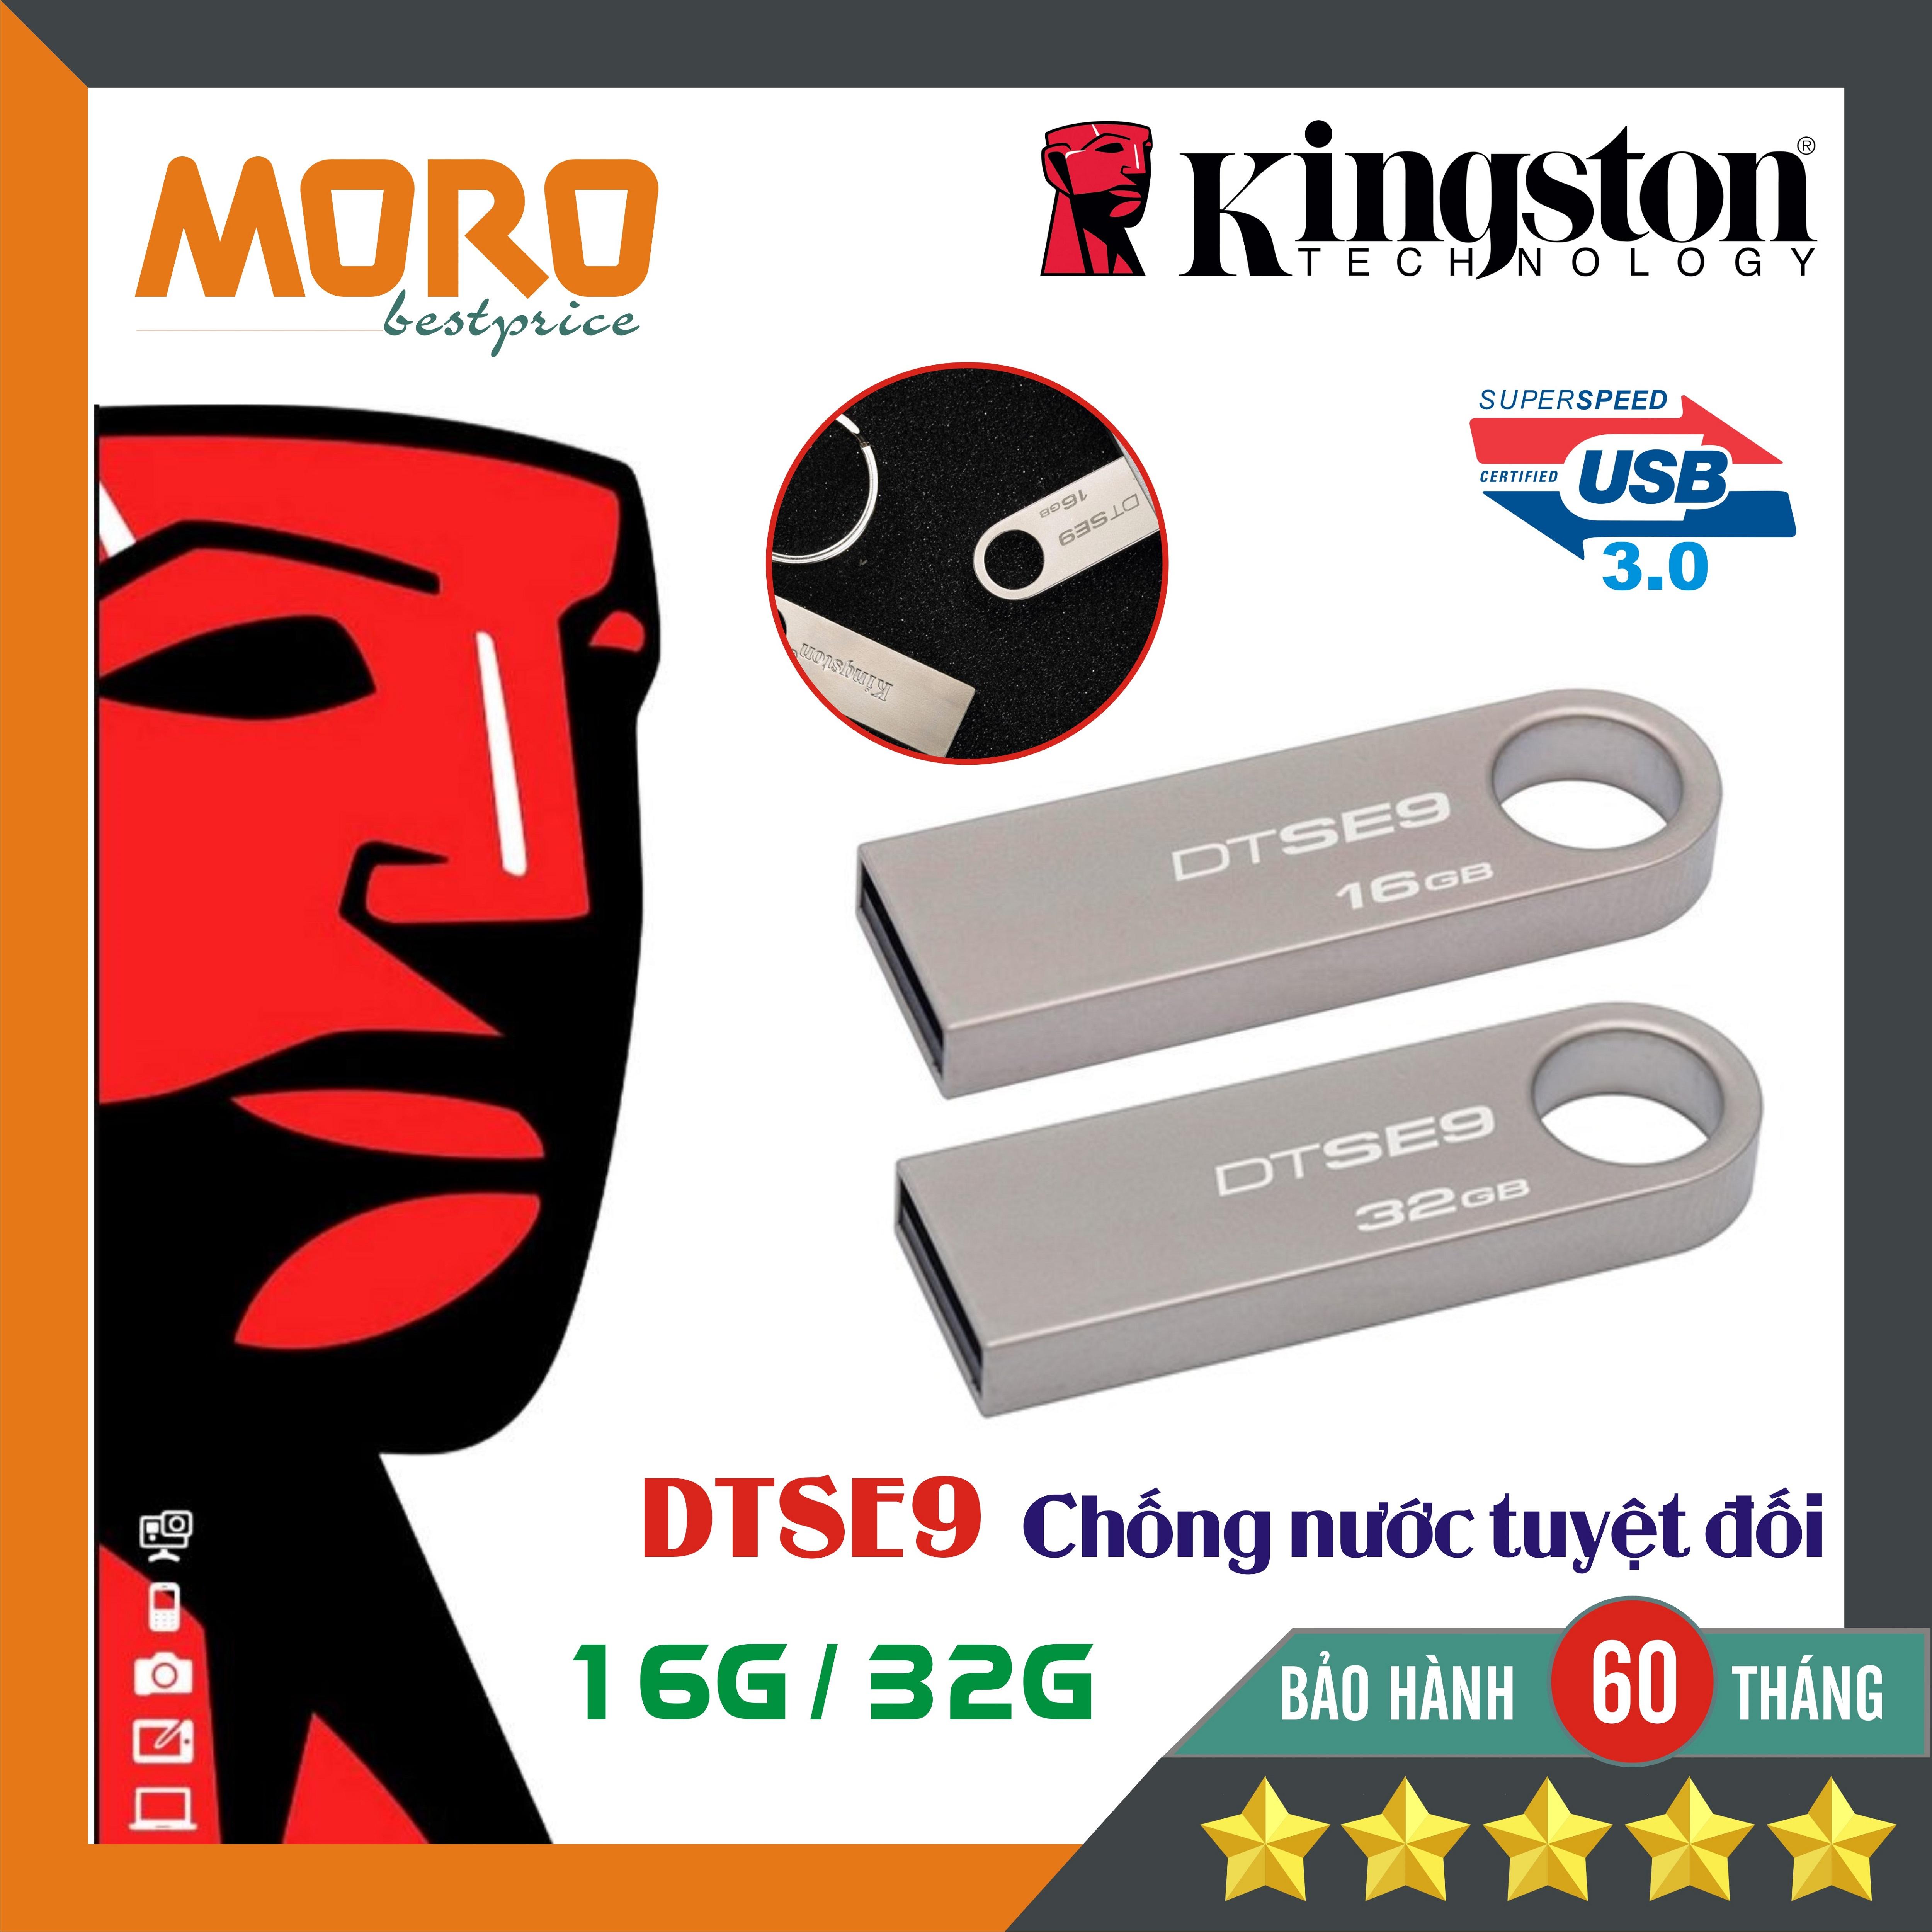 Hot Deal Khi Mua [Chống Nước] USB 3.0 Kingston DTSE9 16GB/32GB - Chất Liệu Kim Loại - Bảo Hành 5 Năm